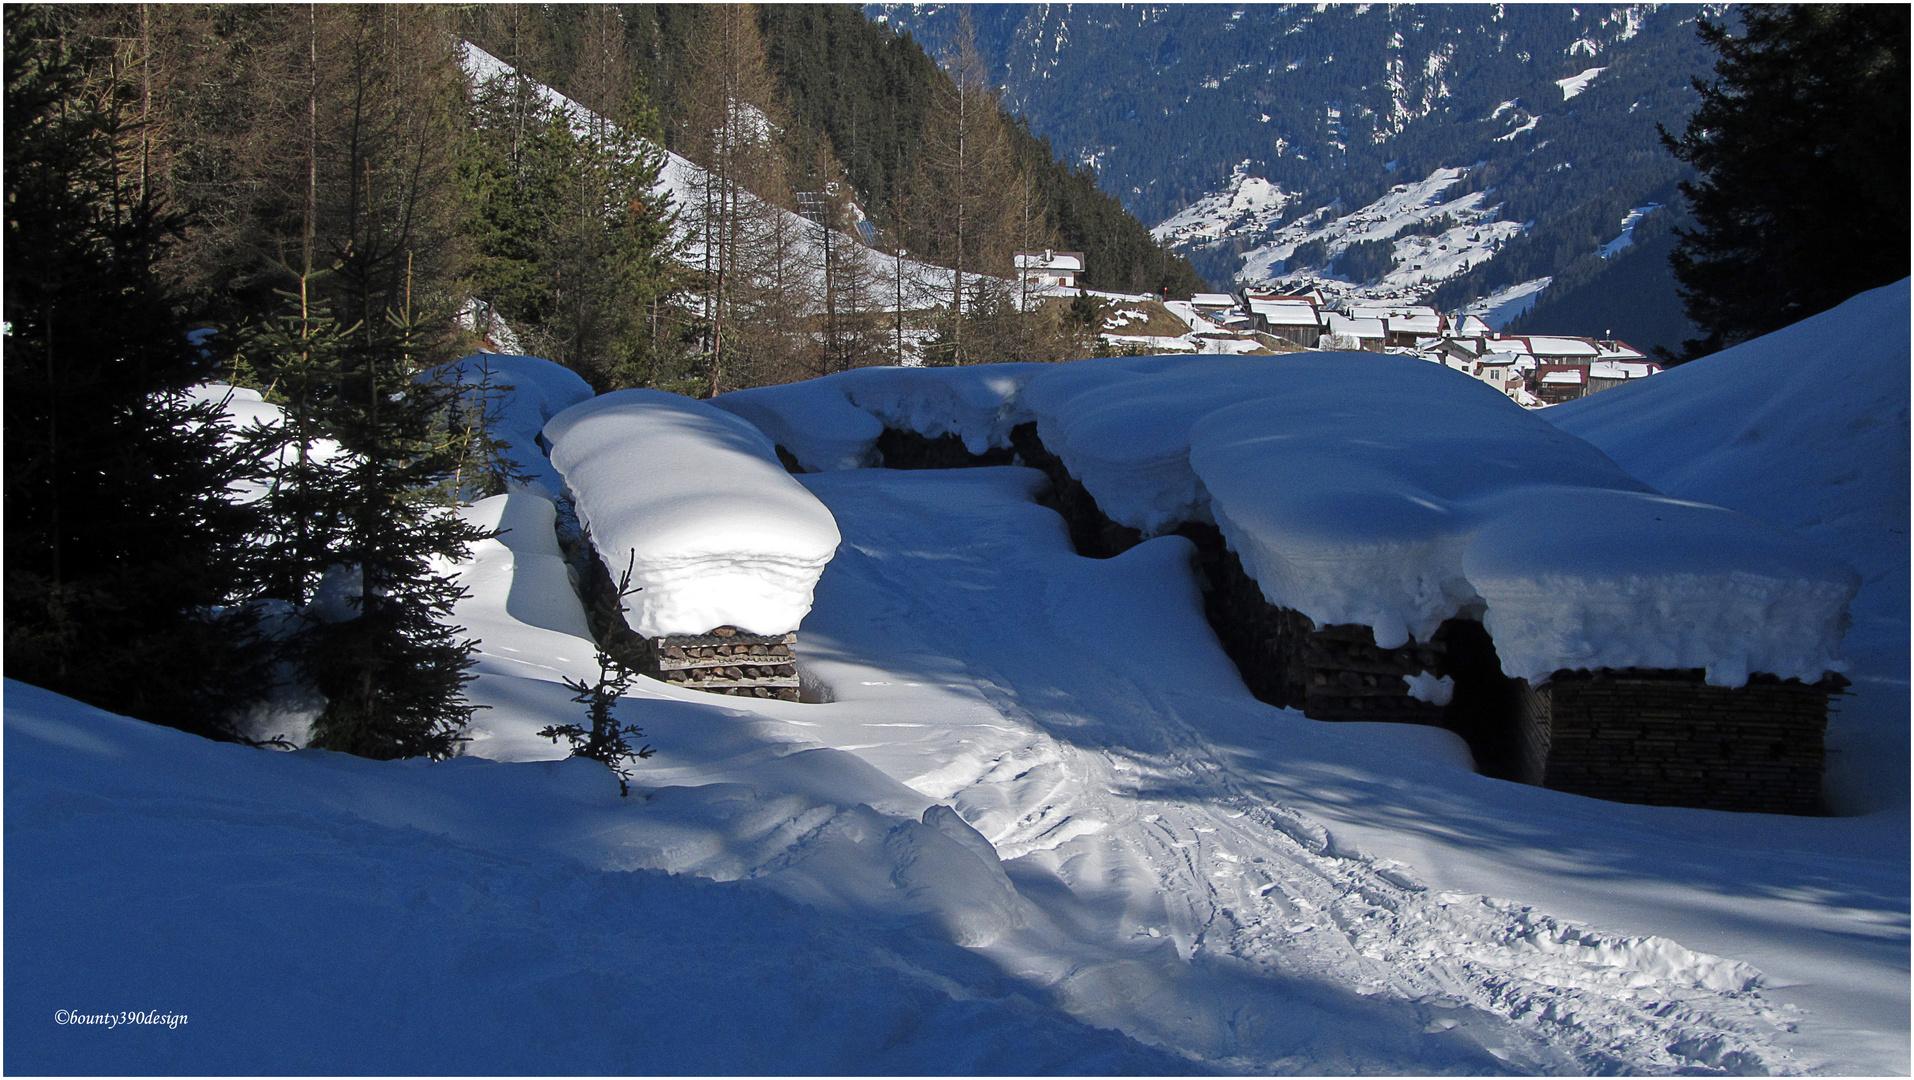 Die Schneedecke hält noch einwenig